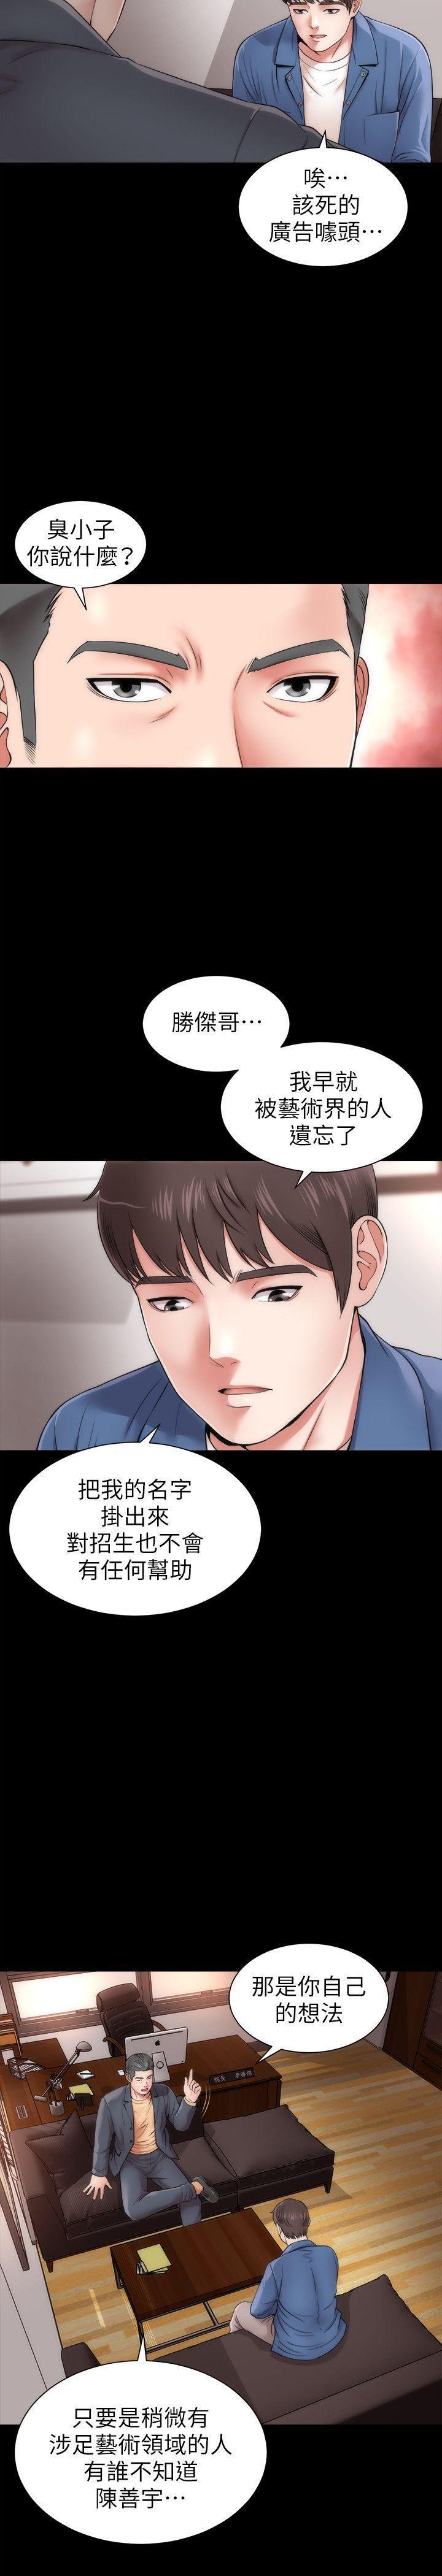 隔壁母女韩国漫画无删减